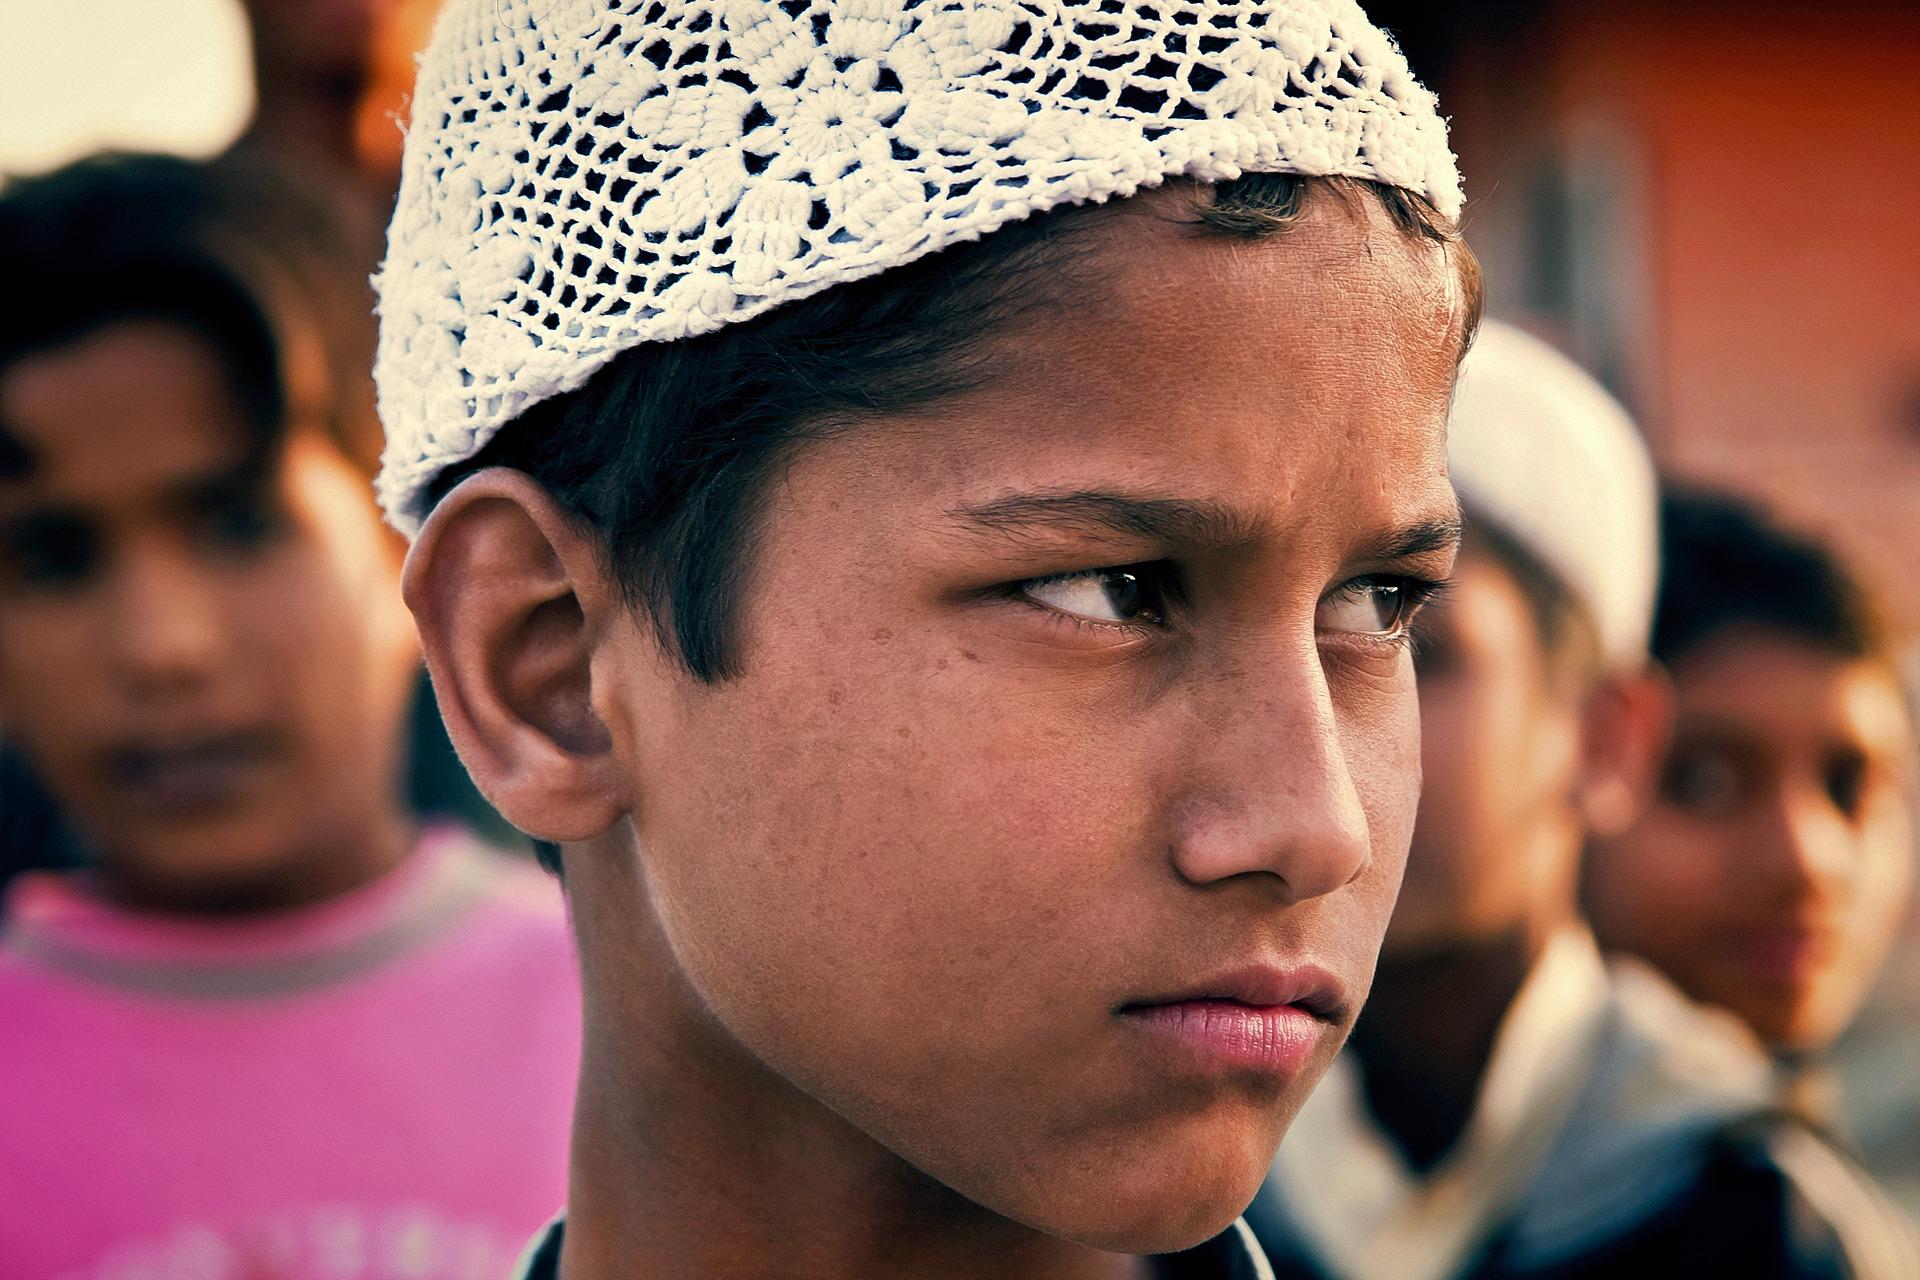 インド人の男の子